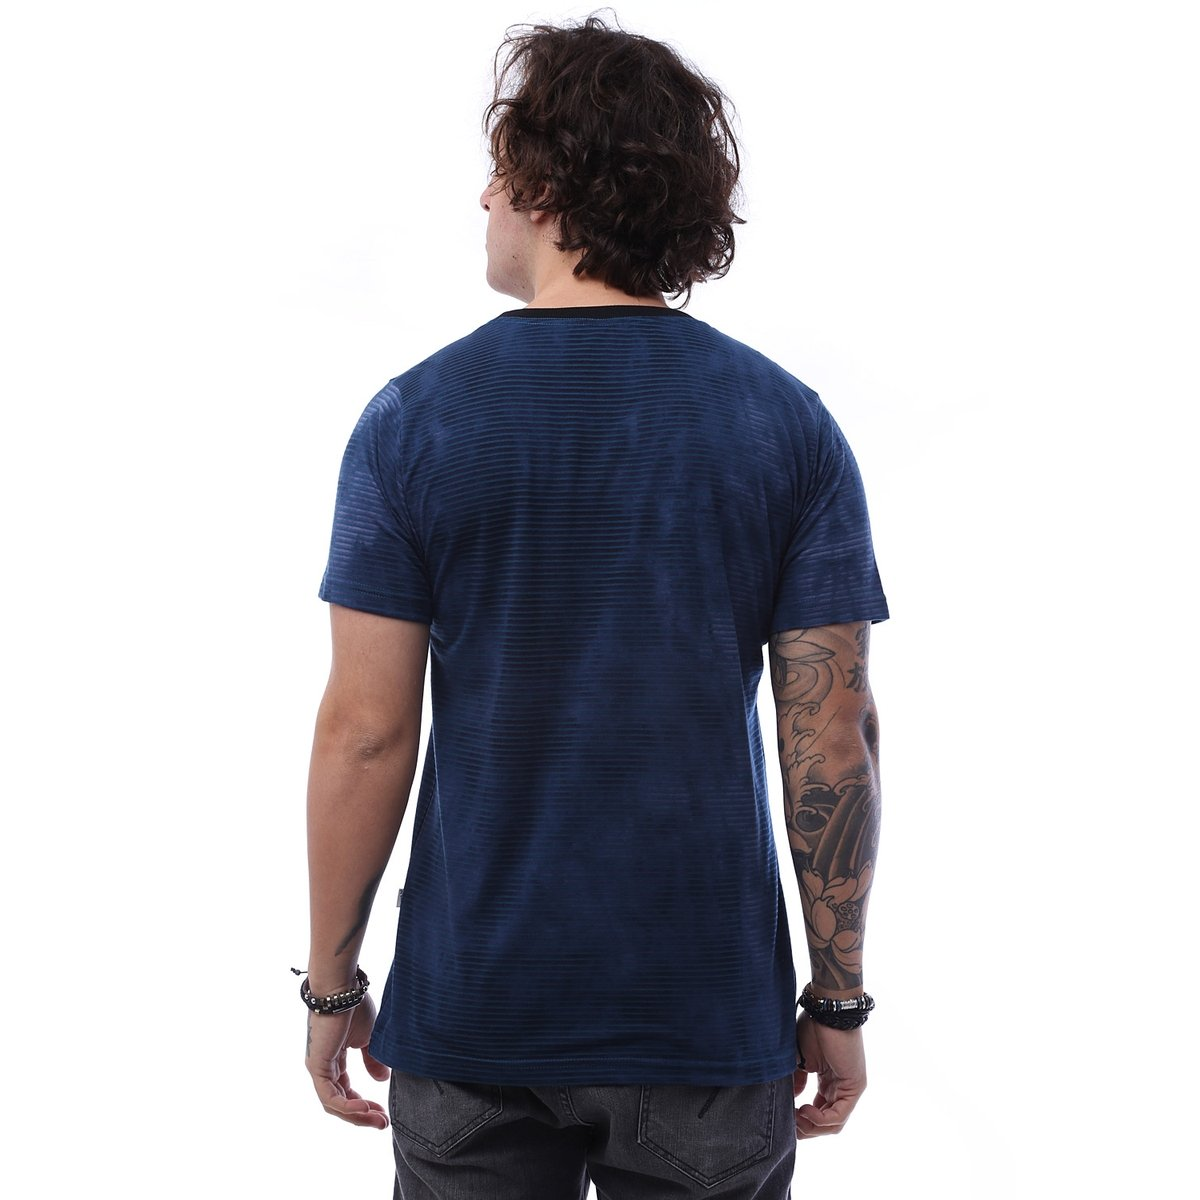 Zero Zero Azul Azul Splash Splash Camiseta Camiseta Camiseta Splash Azul Zero Camiseta Zero ZBYYqxH